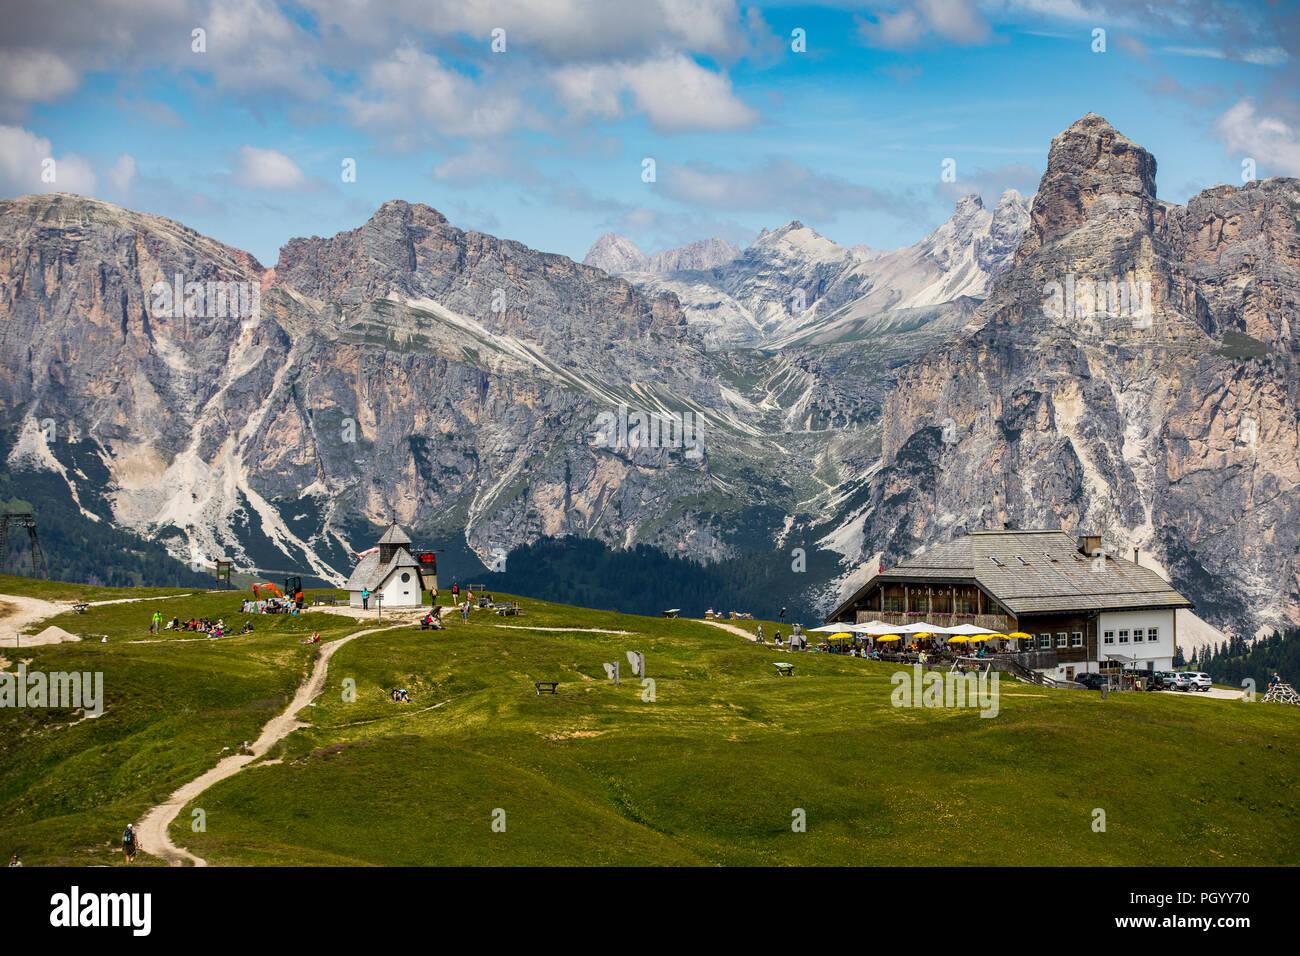 Italien, Südtirol, Trentino, der Piz La Ila Hochplateau in der Nähe von Stern/La Villa, Almwiese, Wanderer, Aussichtspunkt am Berggasthof Pralongia, Stockbild